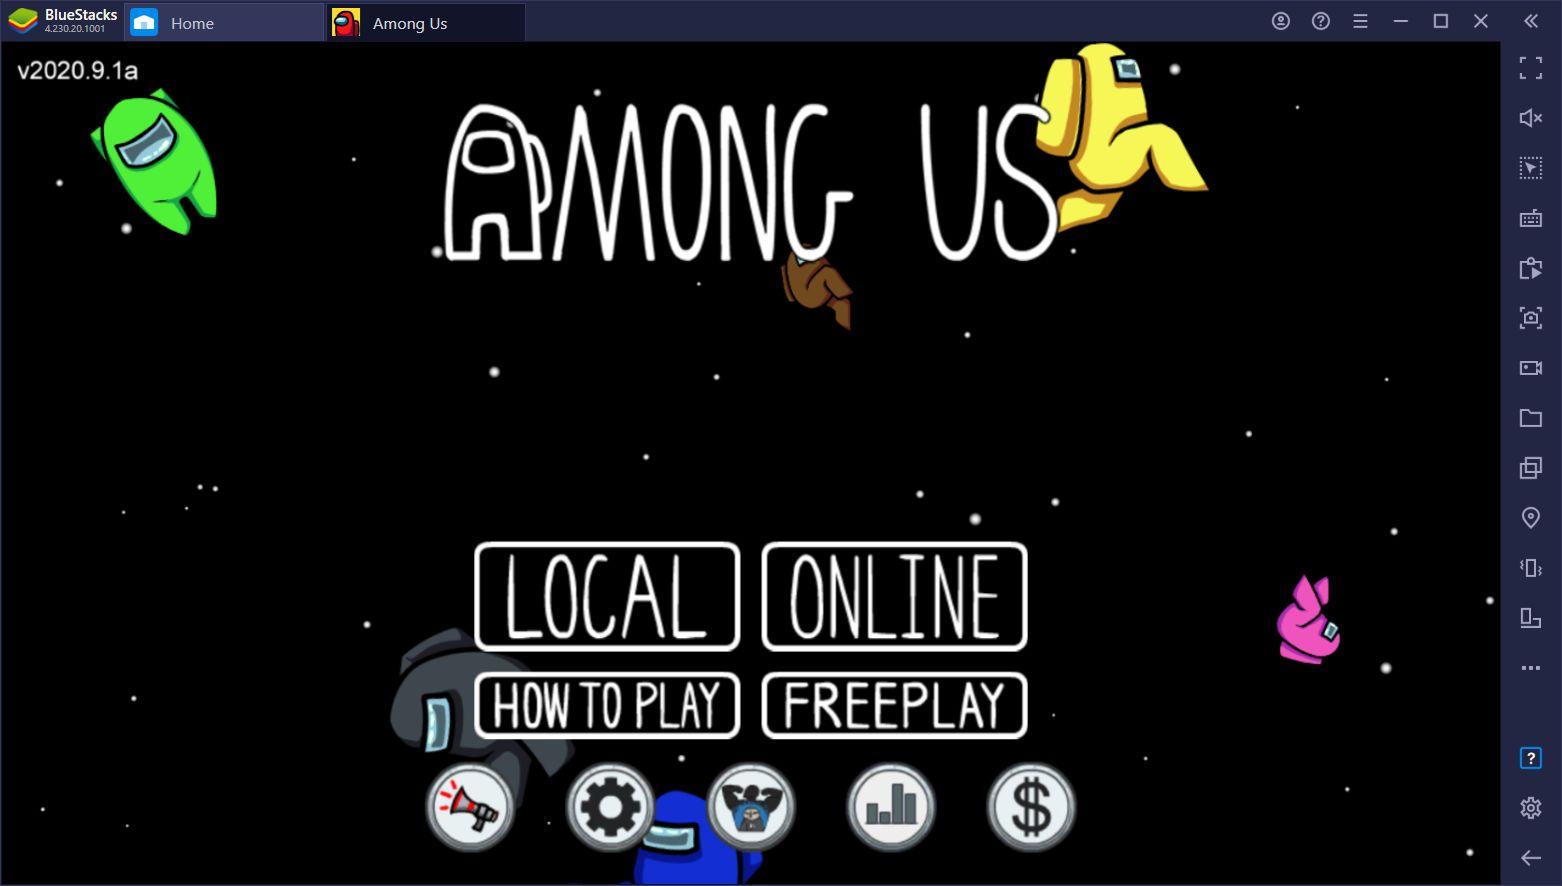 Spiele Among Us auf deinem PC mit dem Controller, exklusiv auf BlueStacks